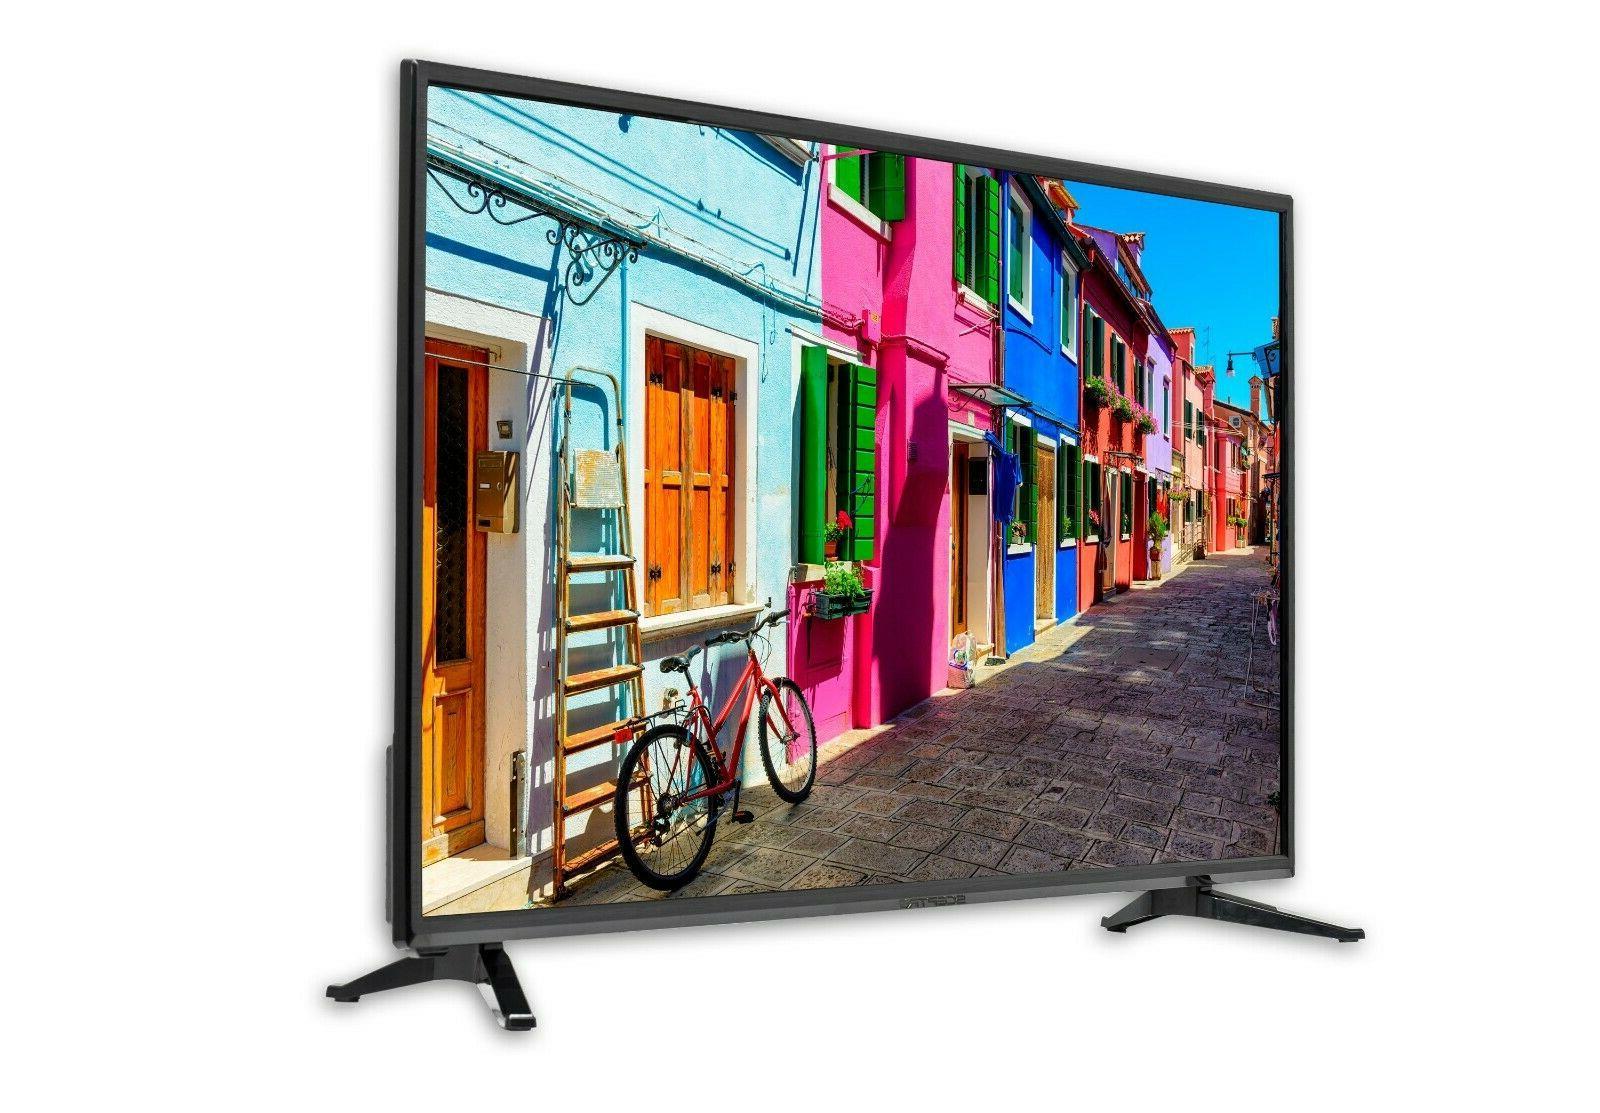 Sceptre TV Class HDMI NEW